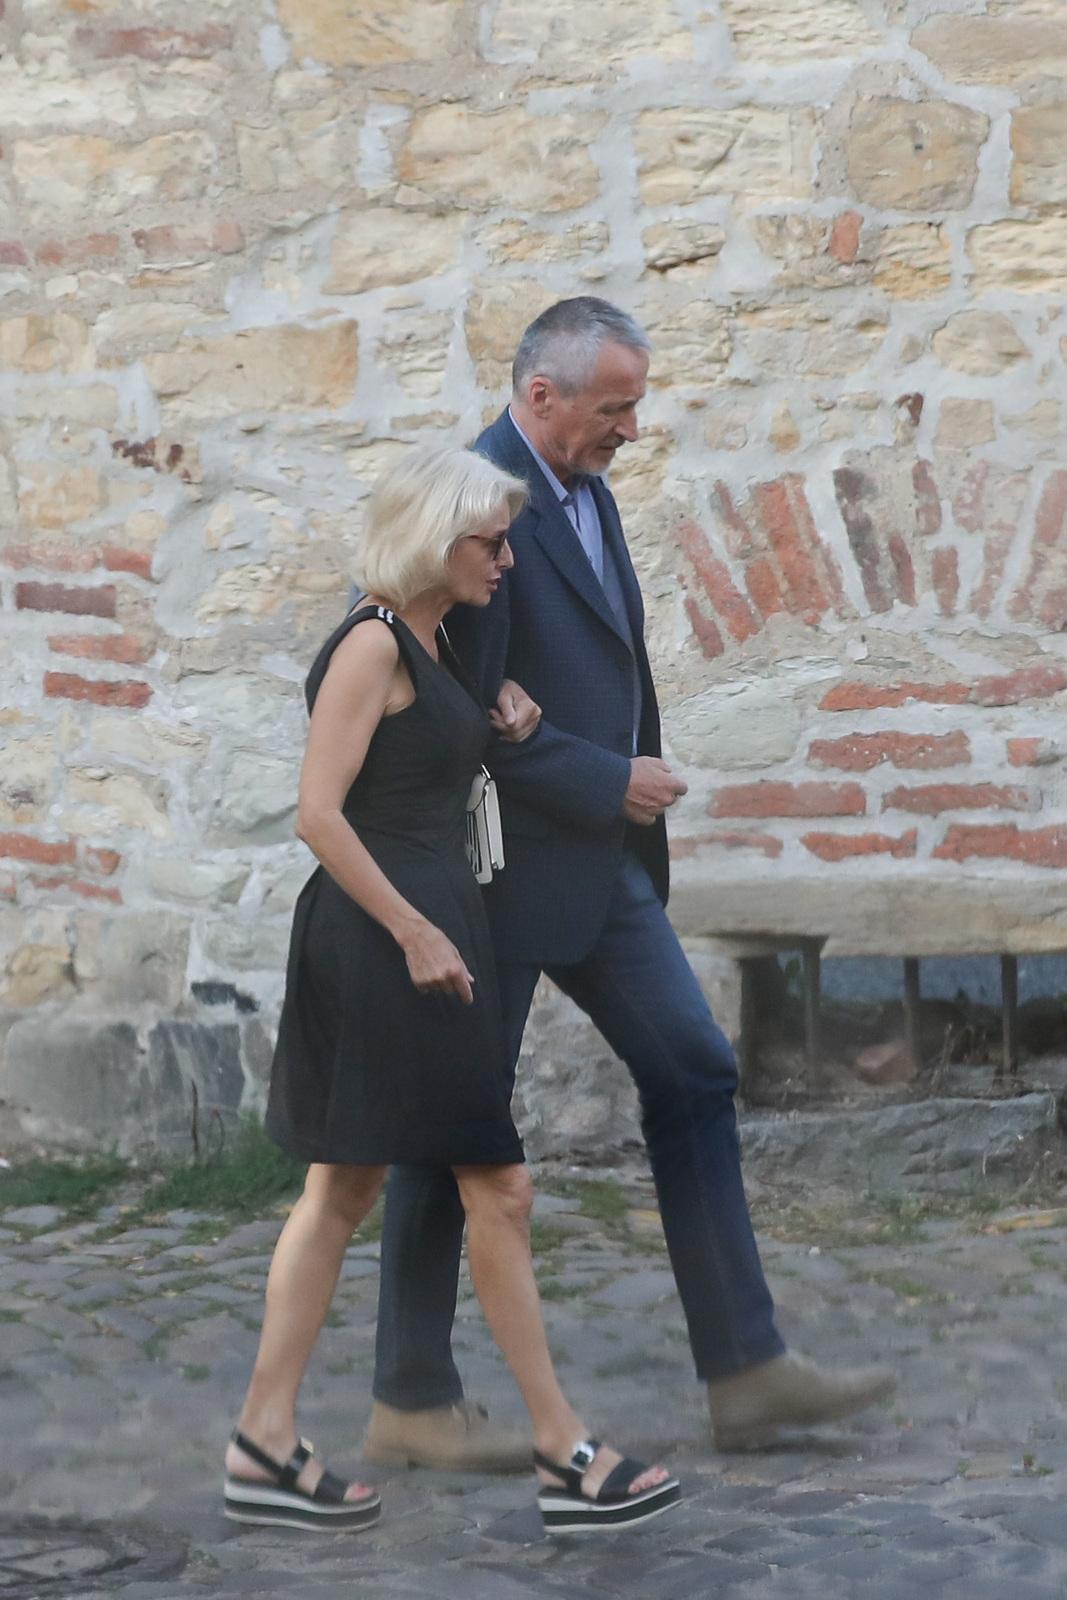 29. 7. 2020, 19:35 hod., Praha-Hradčany - Veronika Žilková a Martin Stropnický